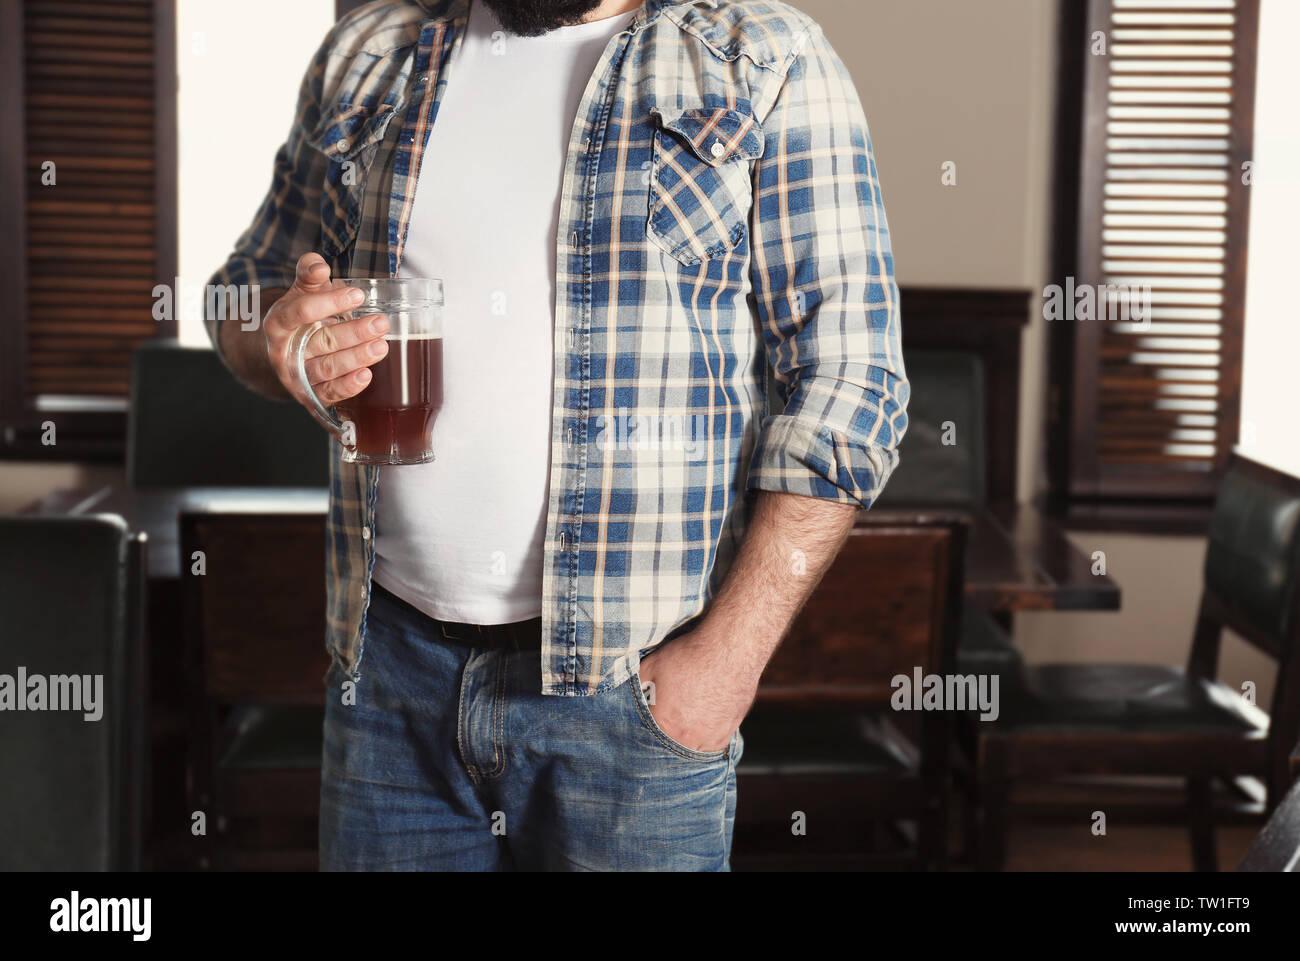 Mann mit einem Glas Bier in der Kneipe Stockbild